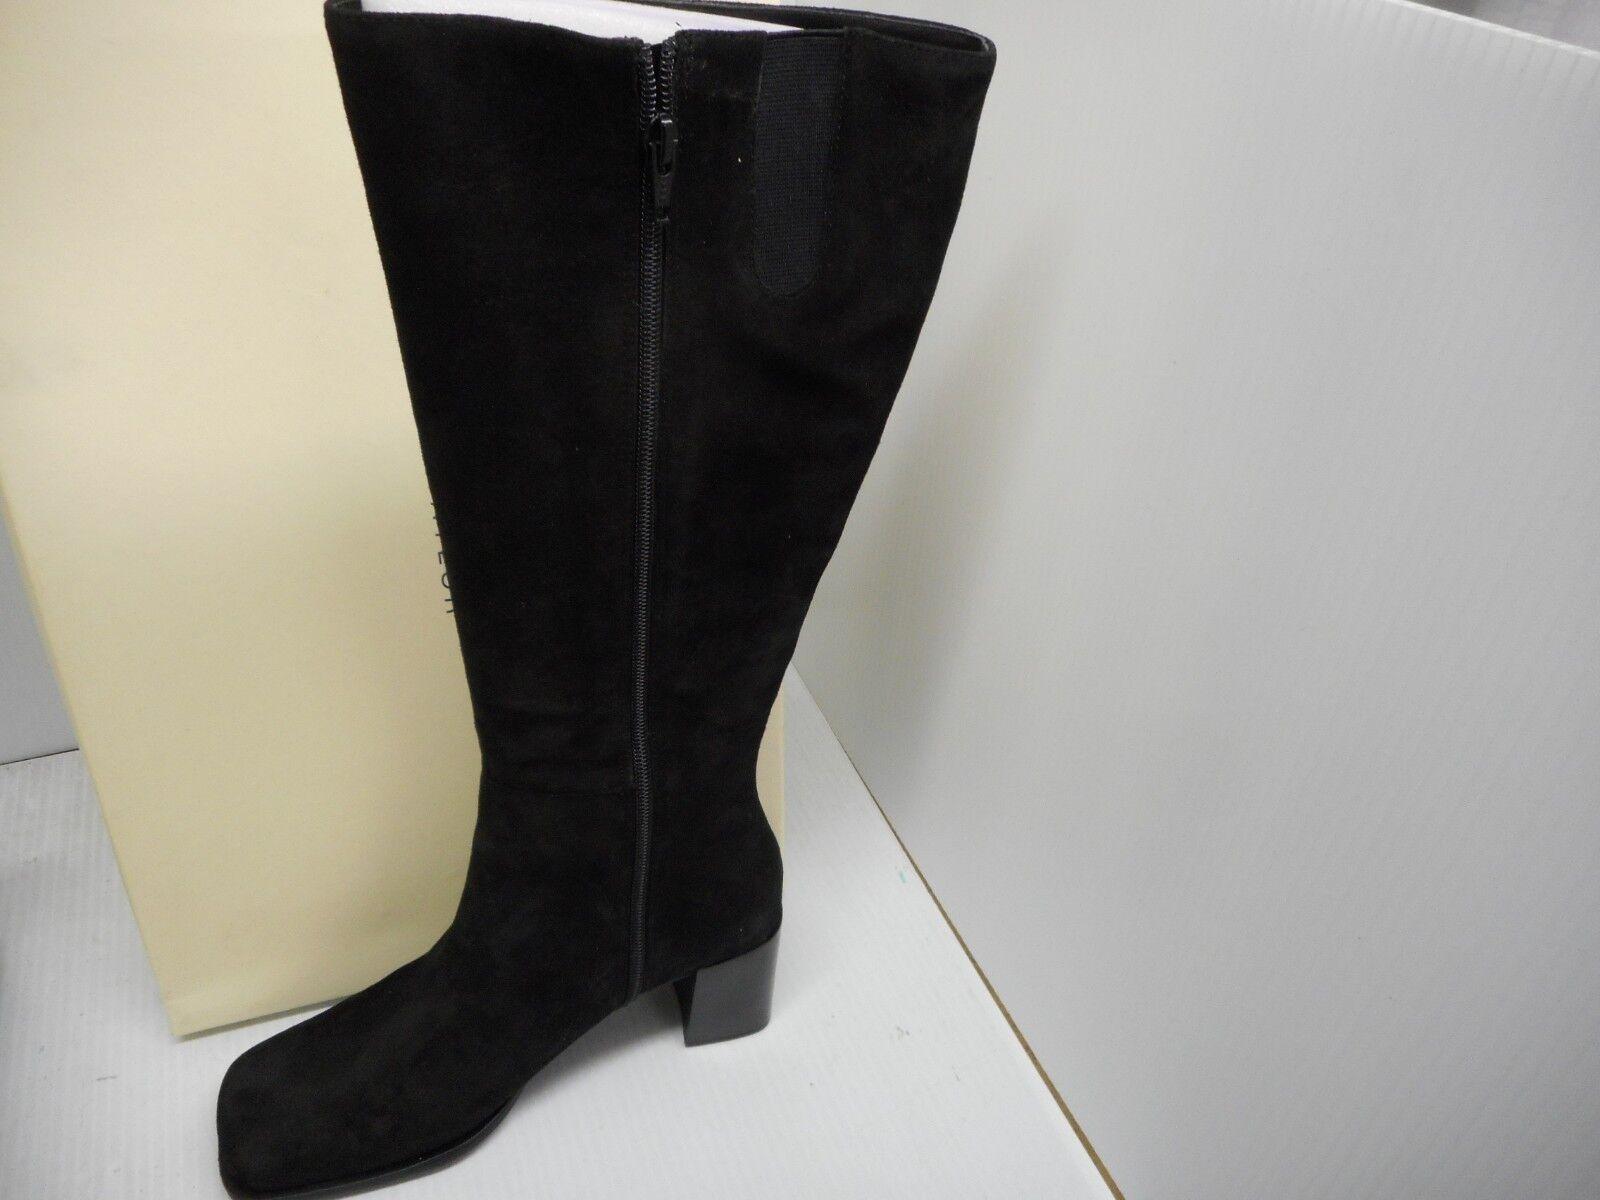 Lord and Taylor bottes noires Taille 8 m de hauteur genou talon en Daim Fermeture Éclair pour femme